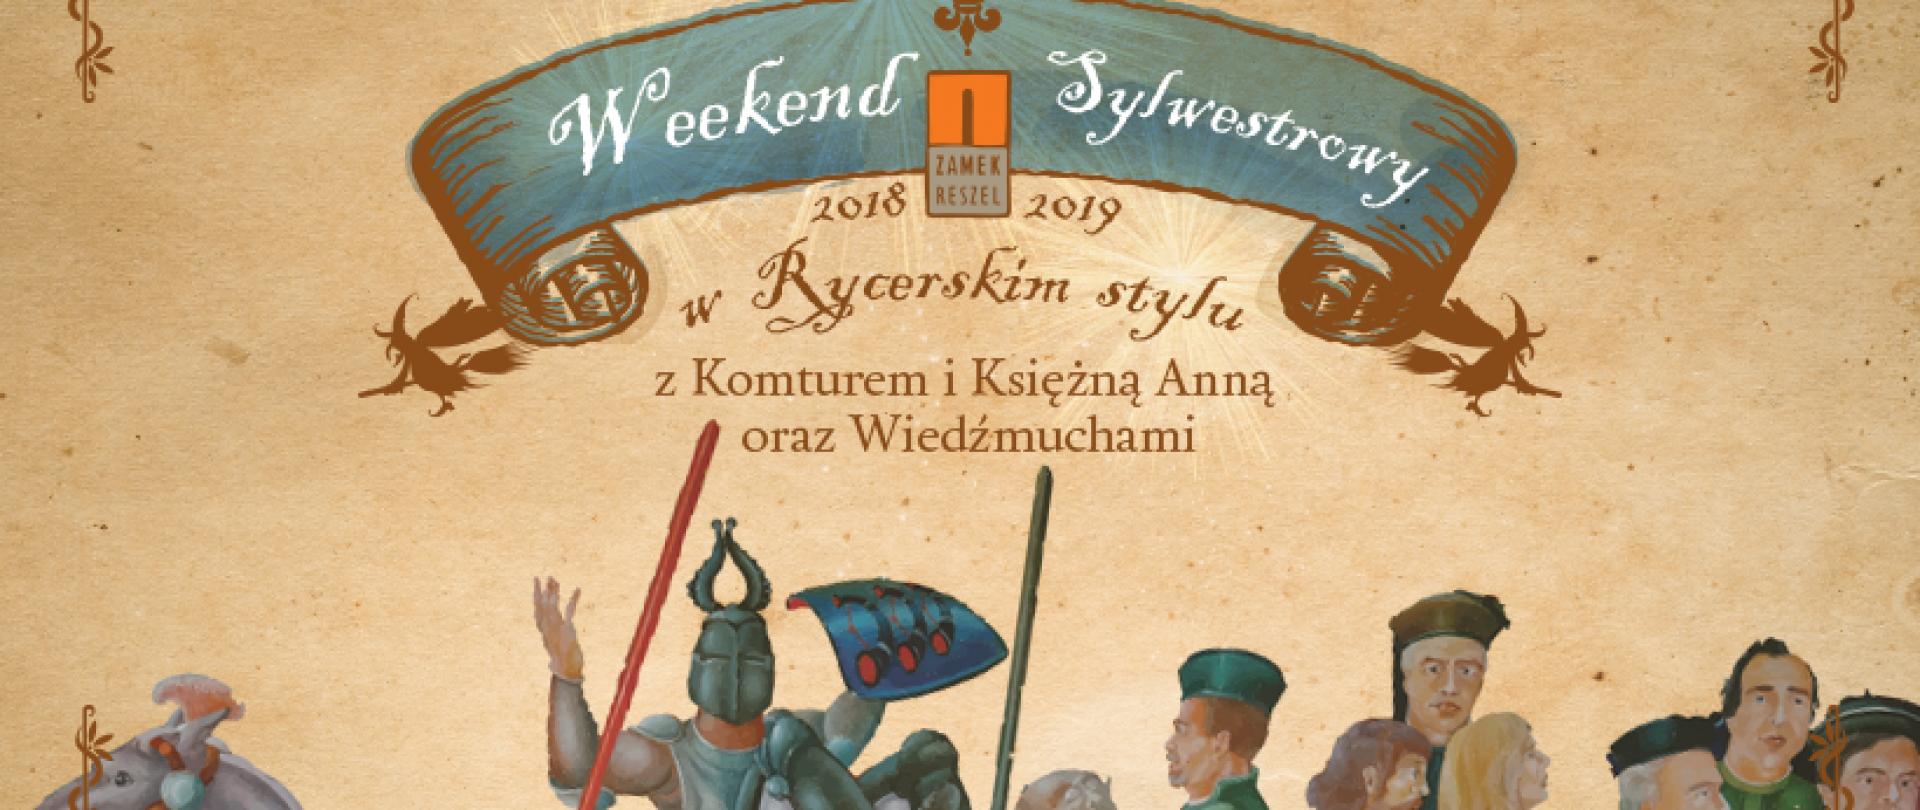 Weekend Sylwestrowy z Komturem i Księżną Anną oraz Wiedźmuchami!